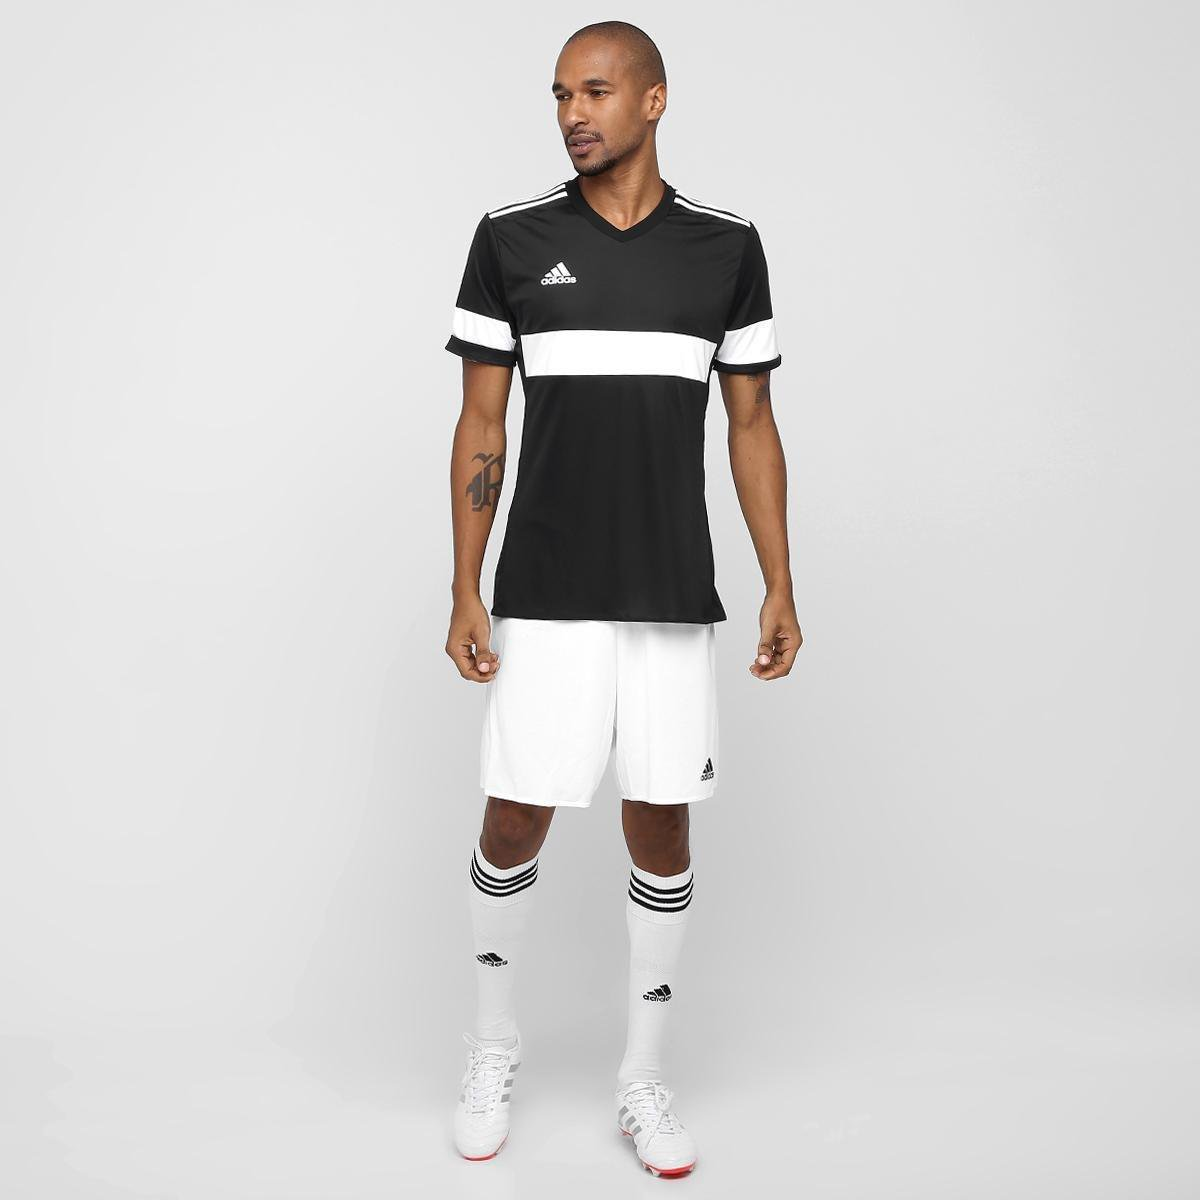 Calção Adidas Parma Masculino - Branco e Preto - Compre Agora ... 3854046ee2814